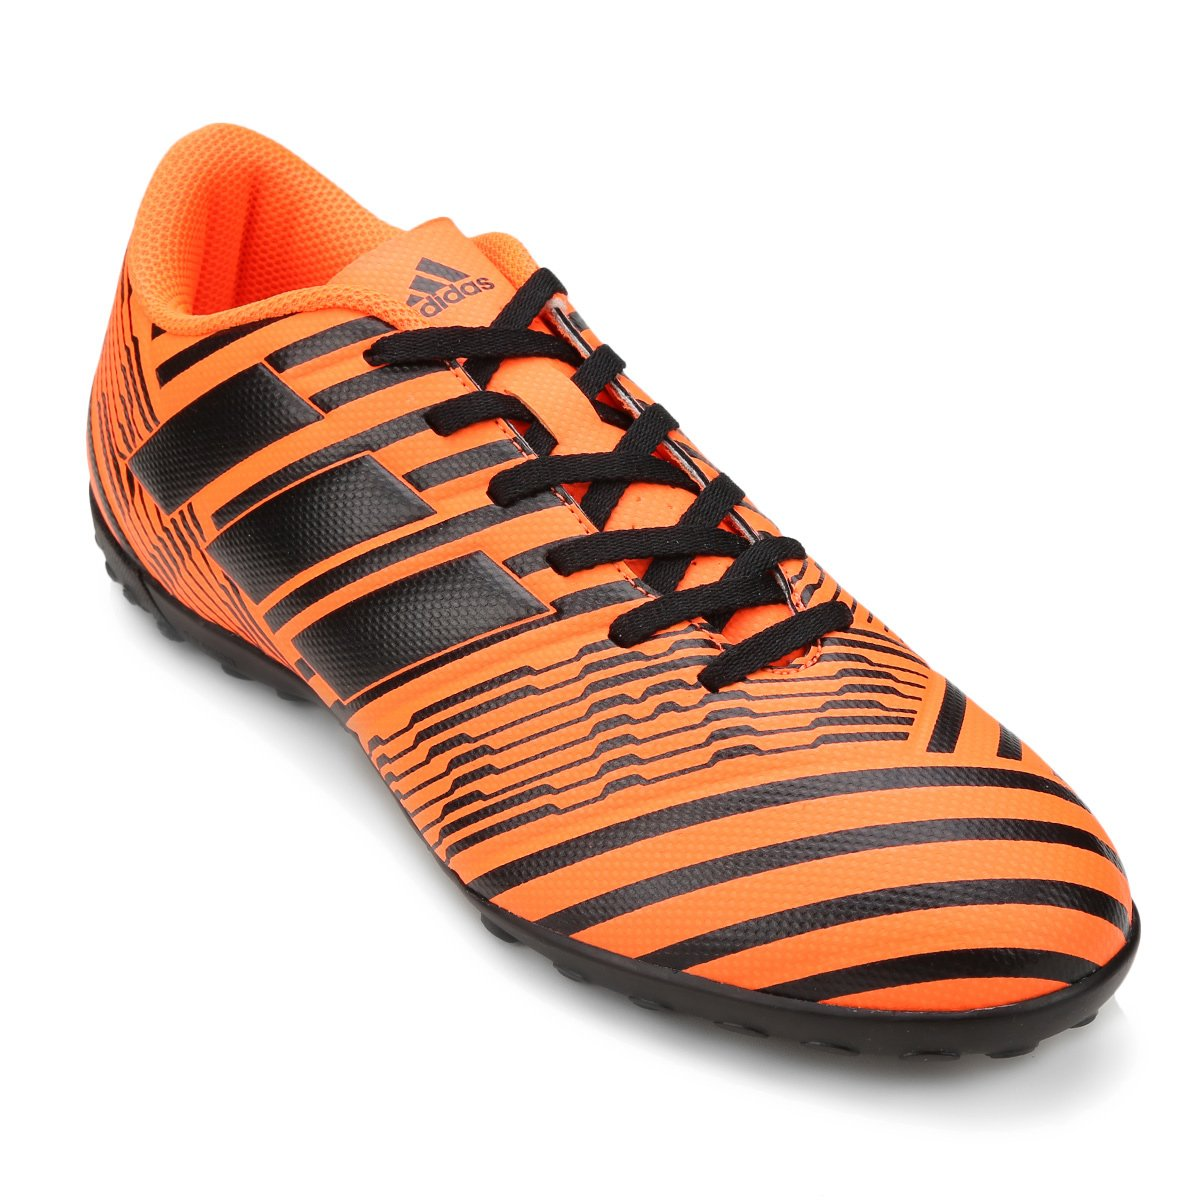 4eb8bf4faa Chuteira Society Adidas Nemeziz 17.4 TF - Compre Agora